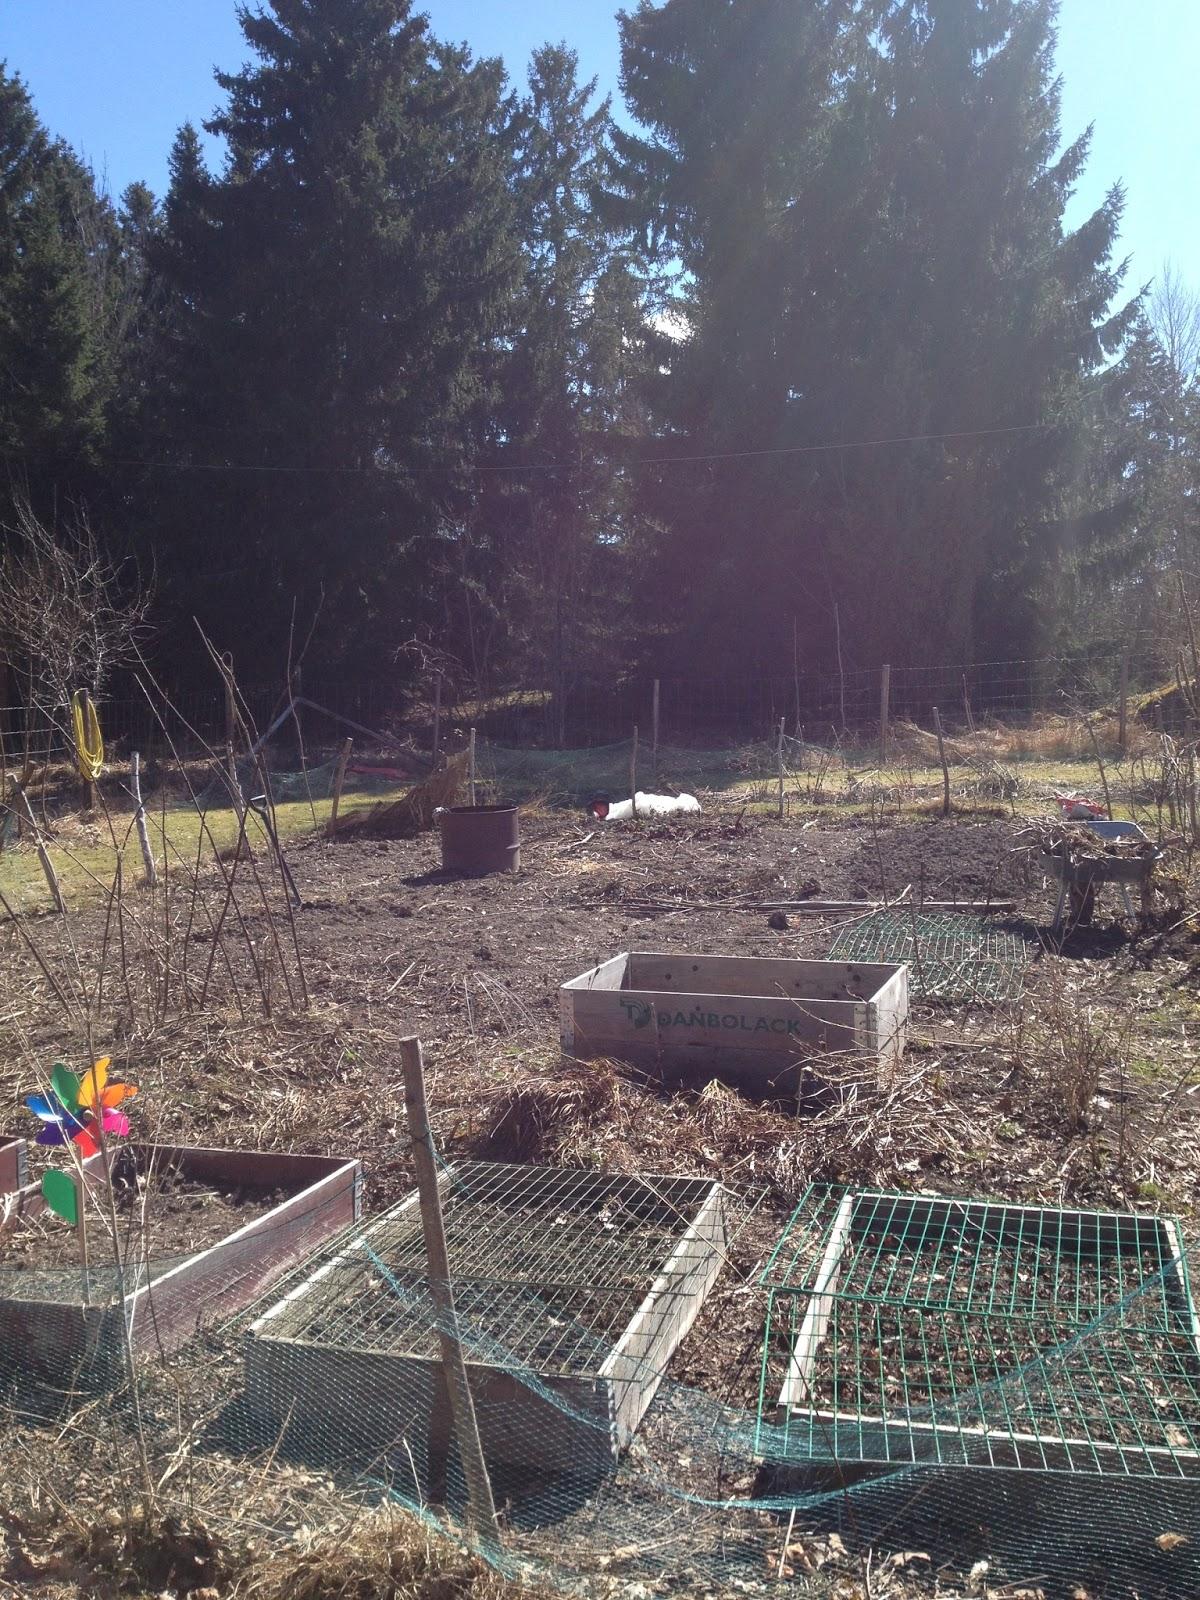 Lill hasta trädgård: april 2013